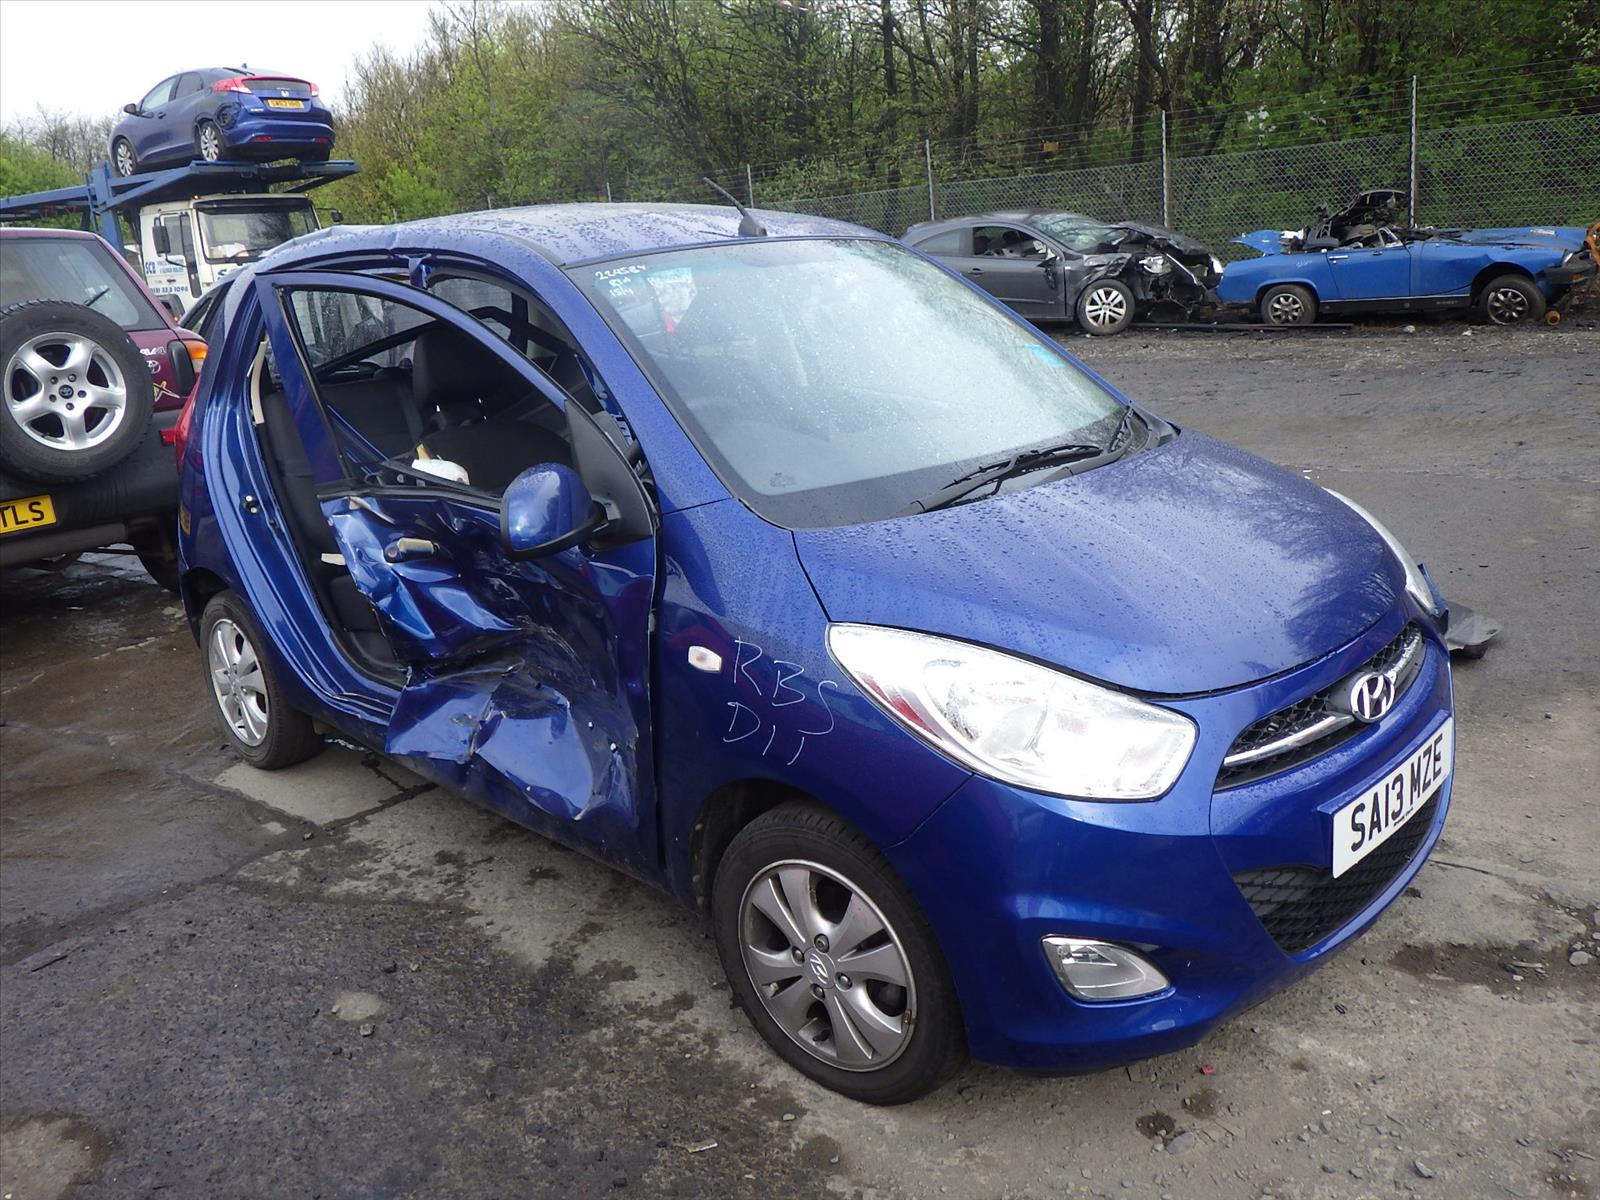 2013 Hyundai i10 2011 To 2013 Style 1.2cc Manual Petrol BLUE 5 door Car  Bonnet